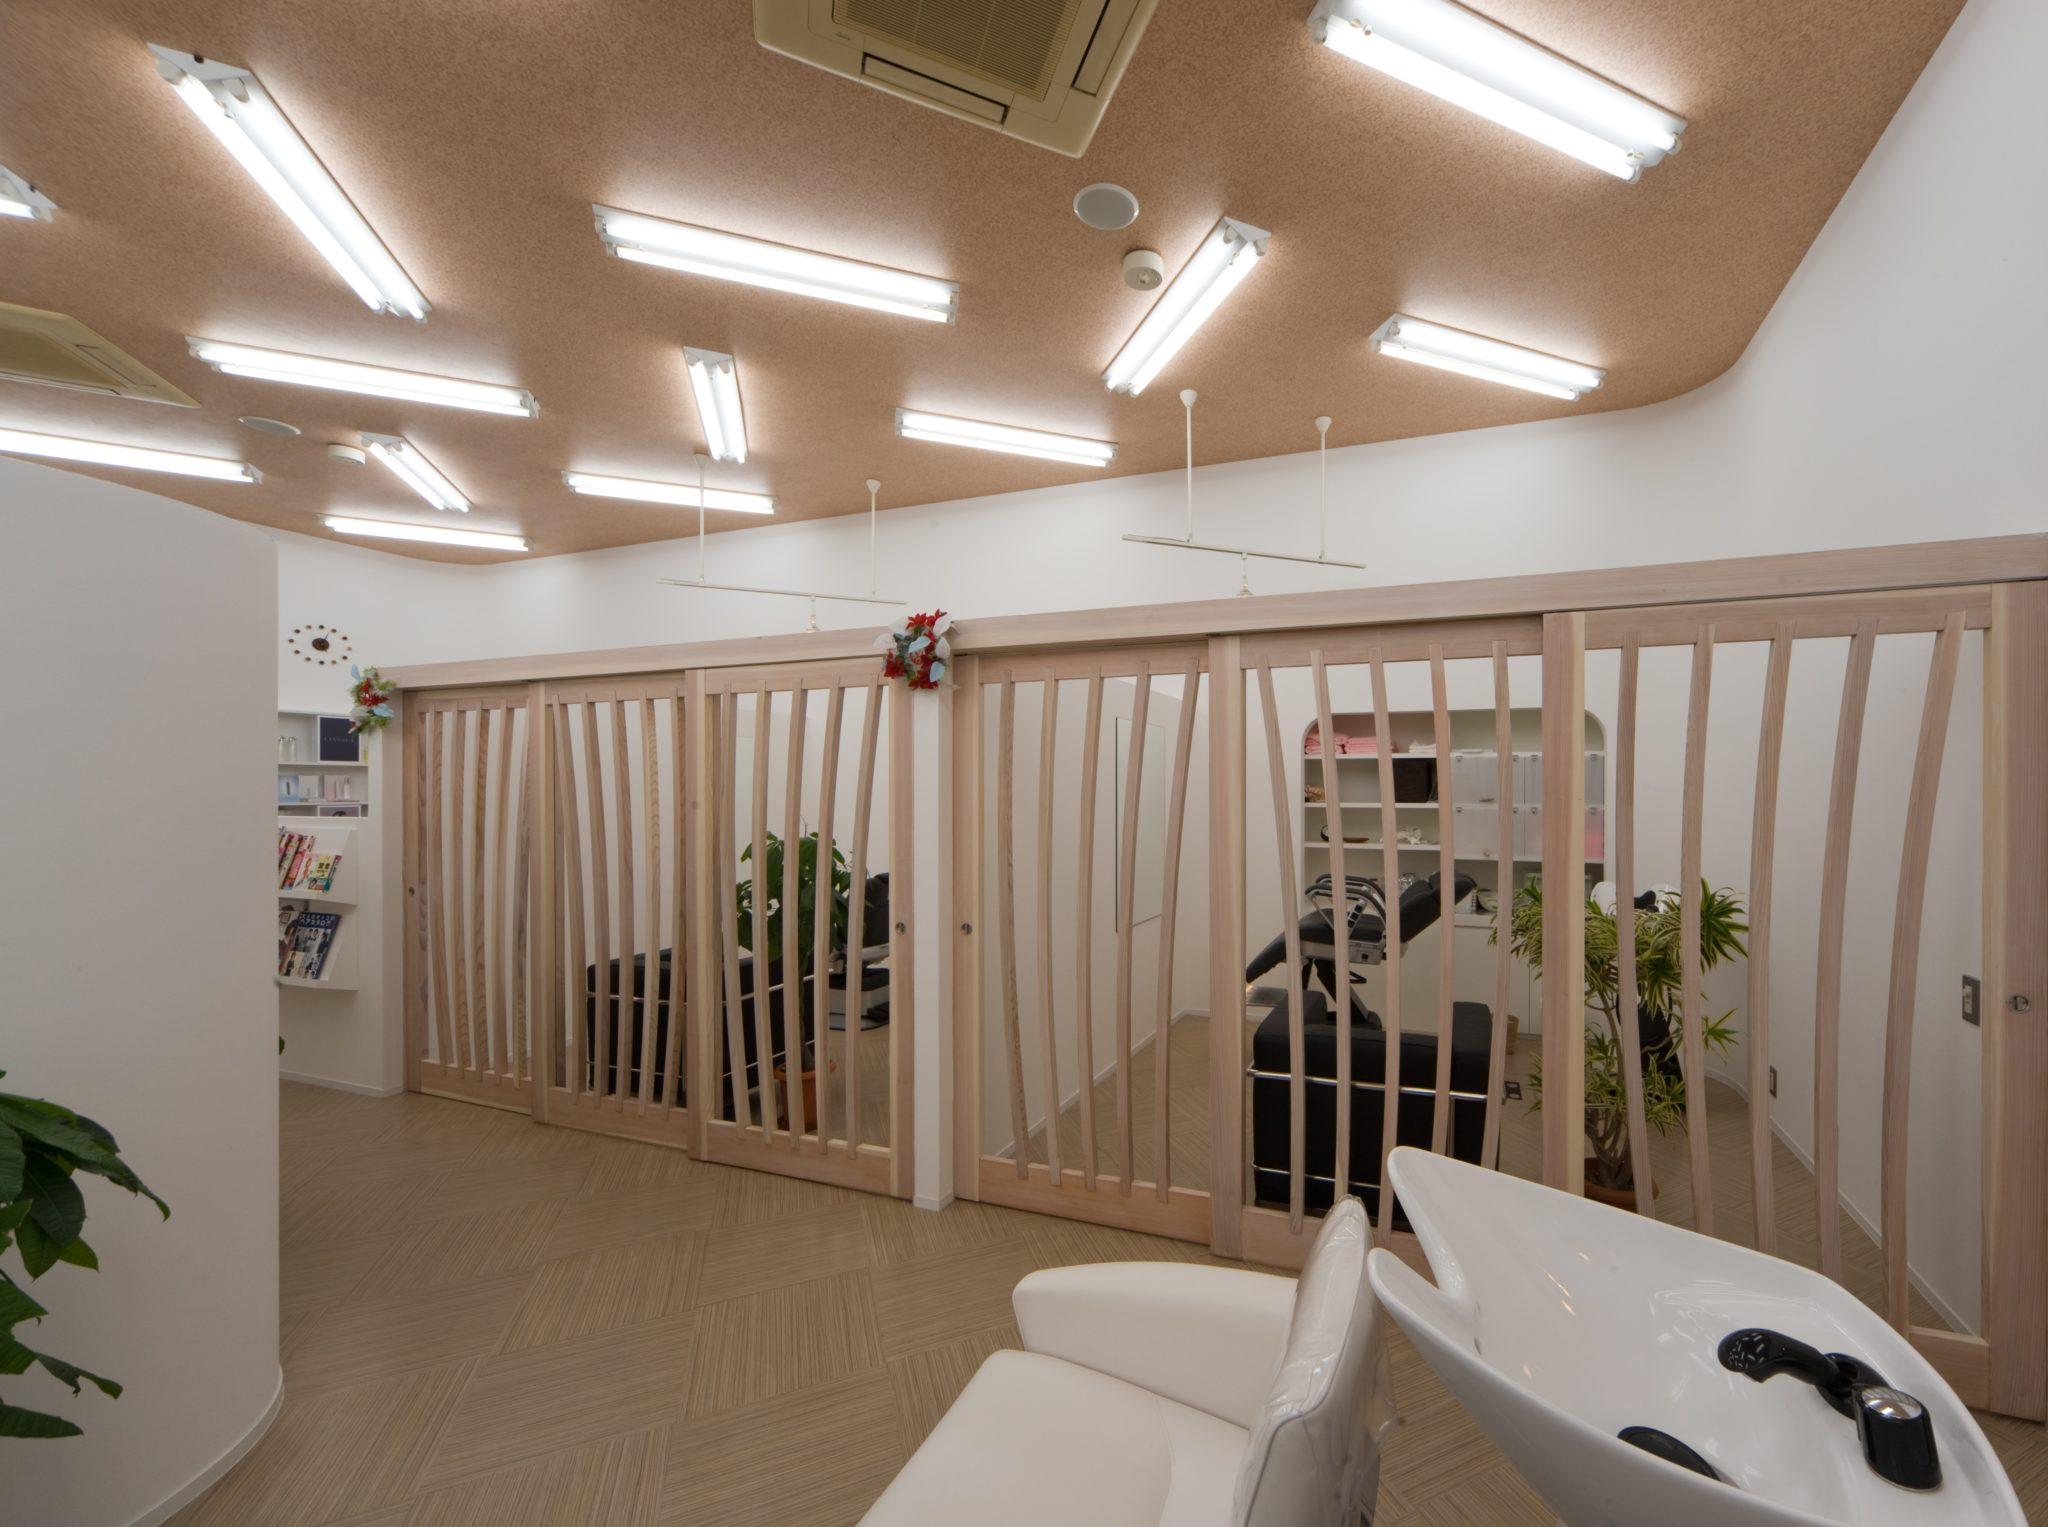 エステ室 45°配置の照明は既存店舗のものを並べ替えただけ